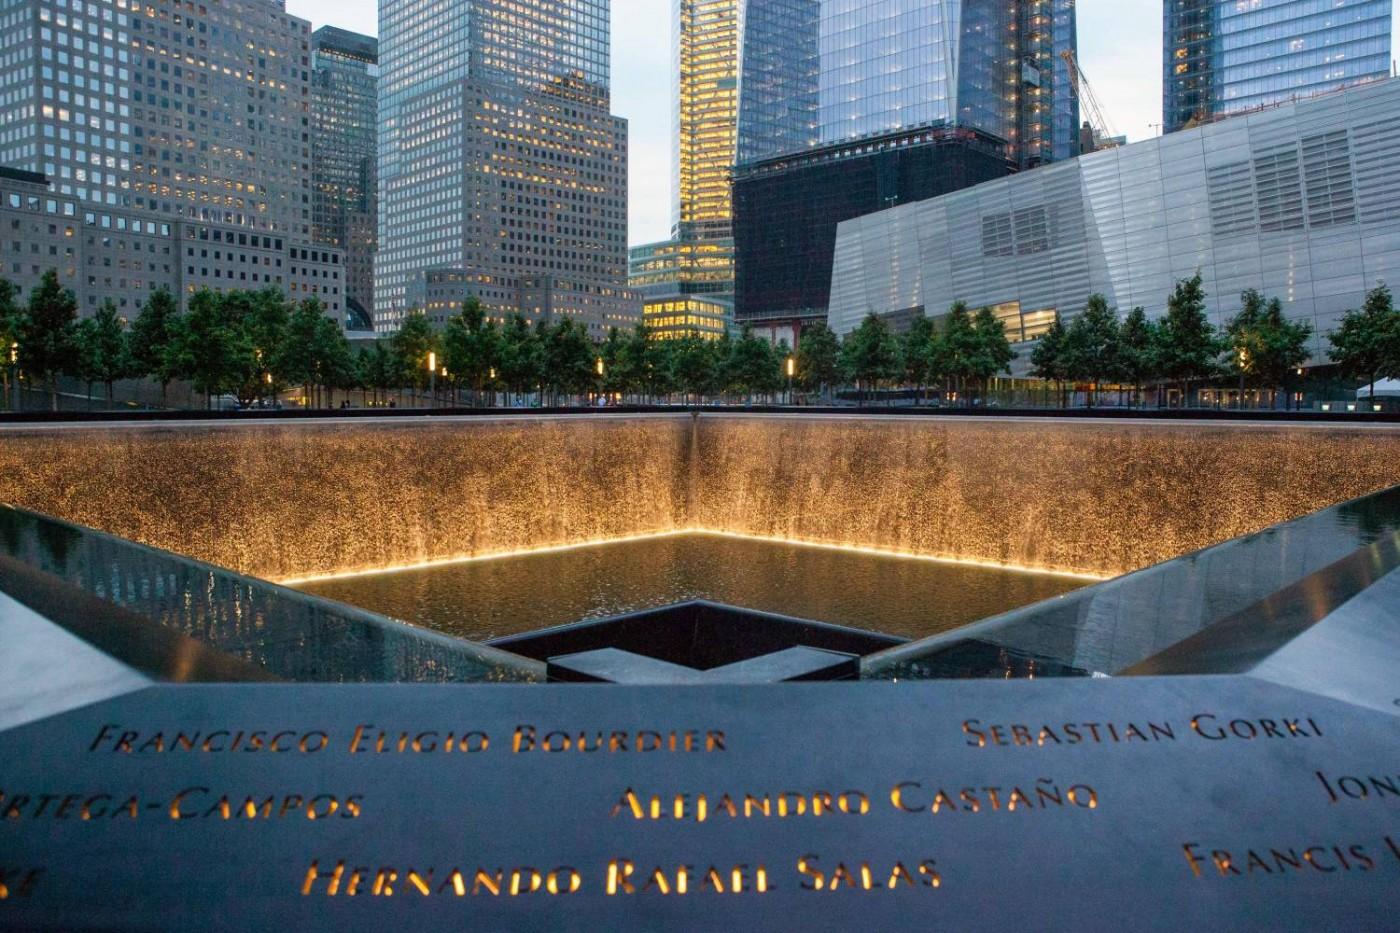 ню йорк музей 11 септември